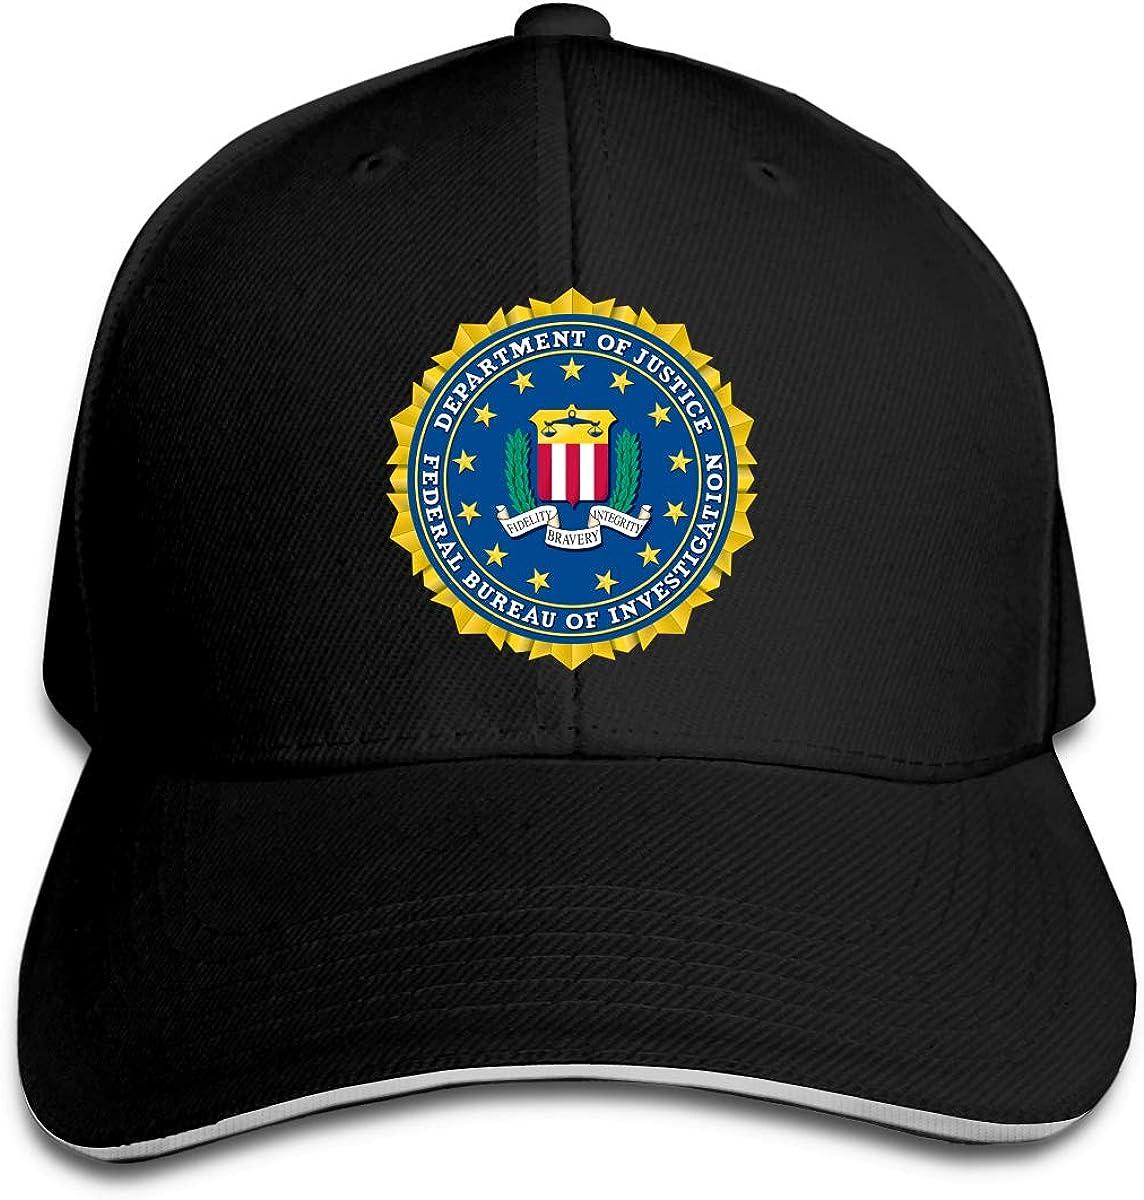 Federal Bureau of Investigation (FBI) Unisex Sandwich Cap Sports Cap